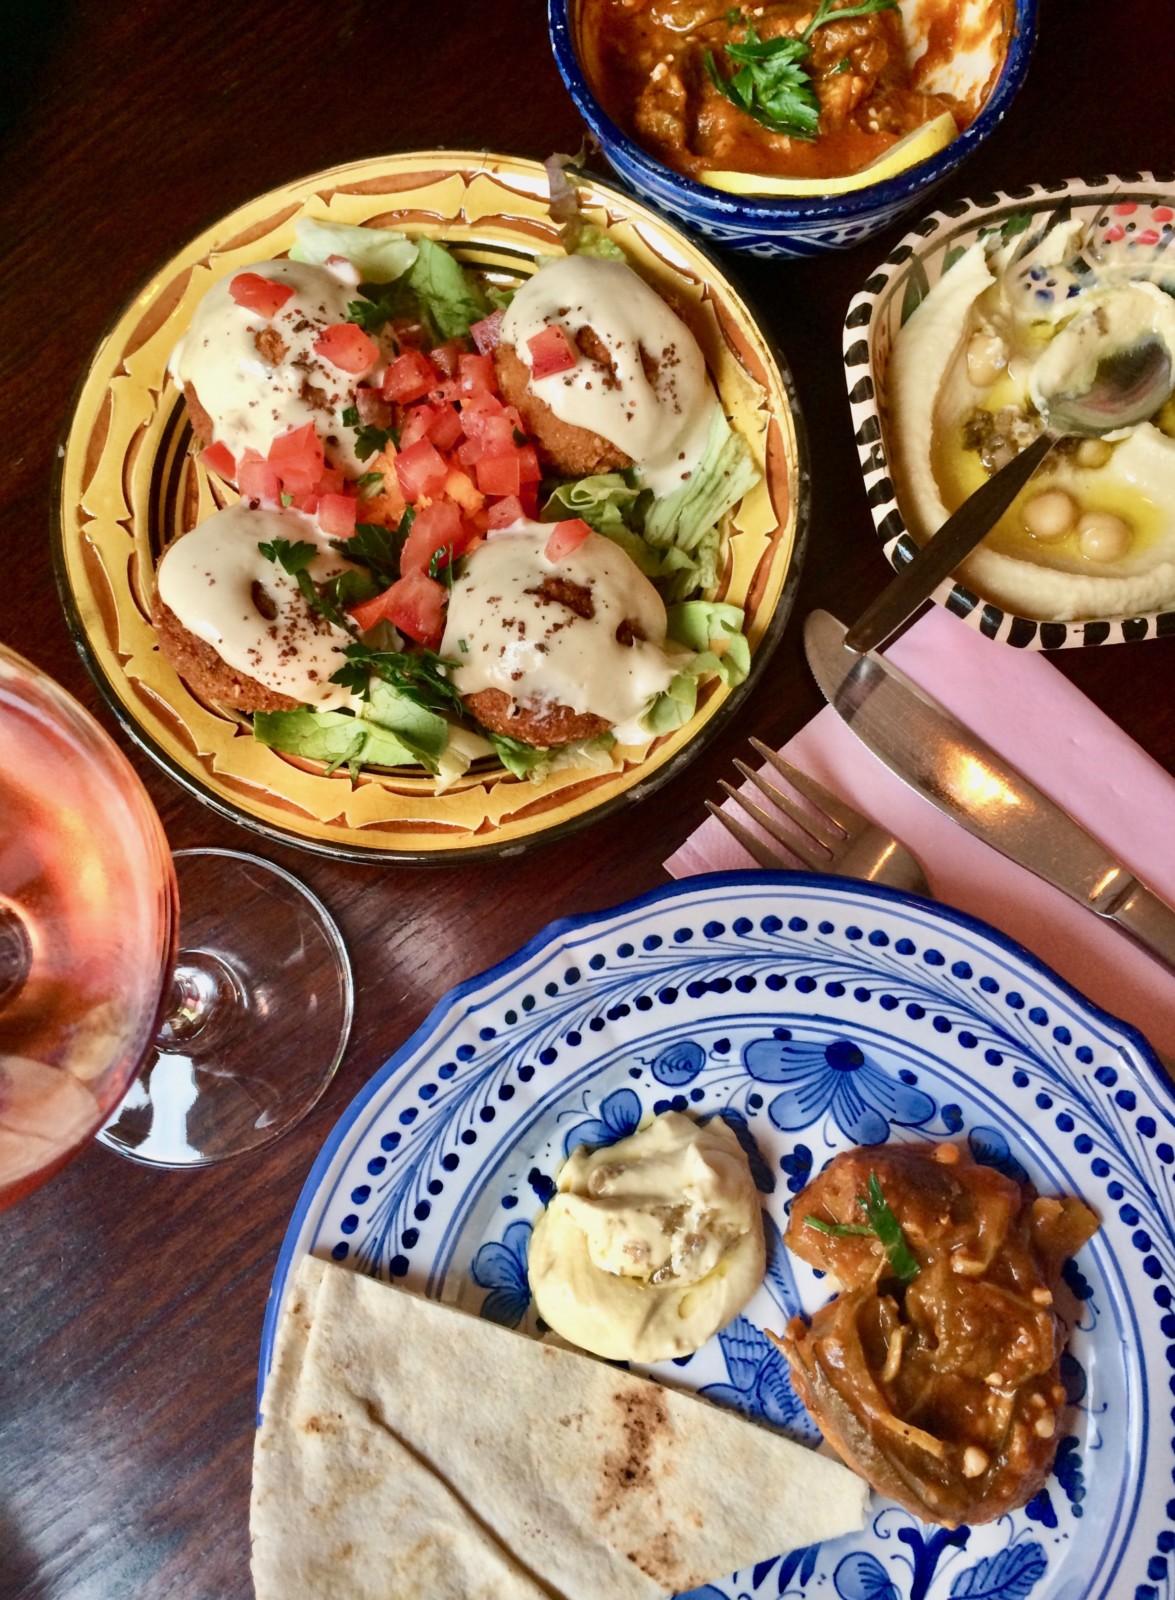 Mezze-Stillleben im neuen SimSim Restaurant in Oerlikon. Und das Essen ist genauso gut, wie es aussieht. Foto: Lunchgate/Anna